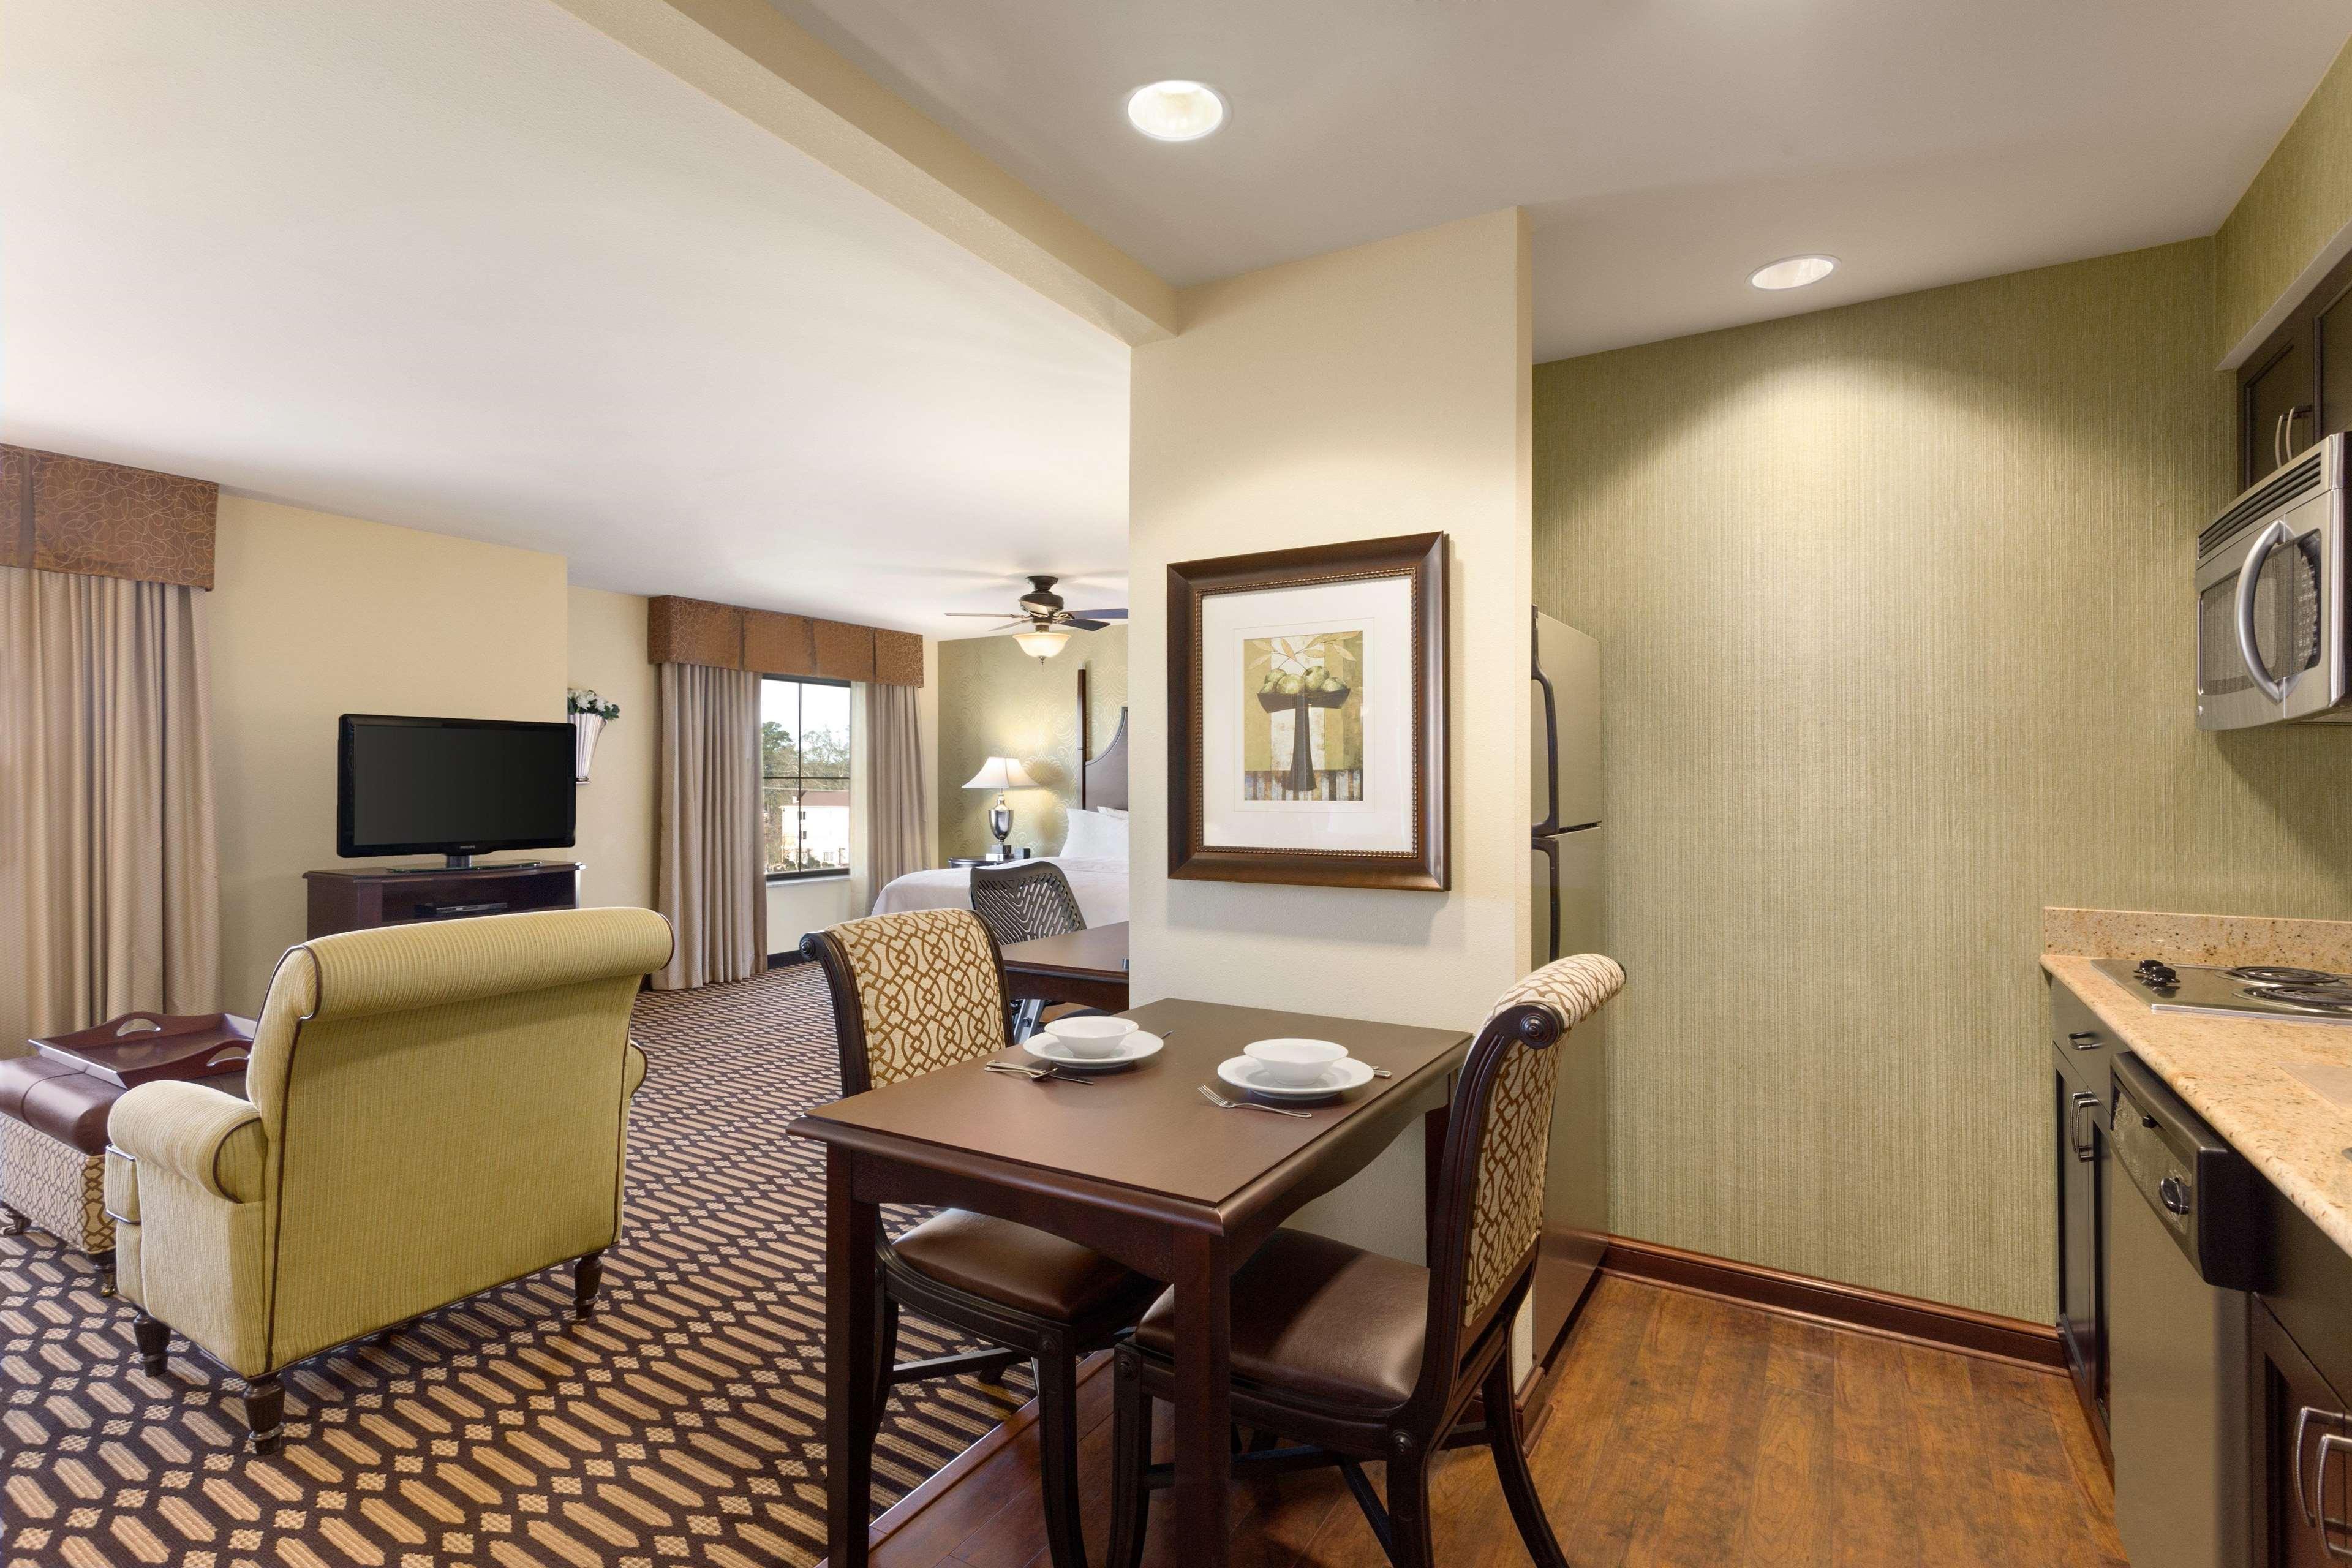 Homewood Suites by Hilton Lafayette-Airport, LA image 22